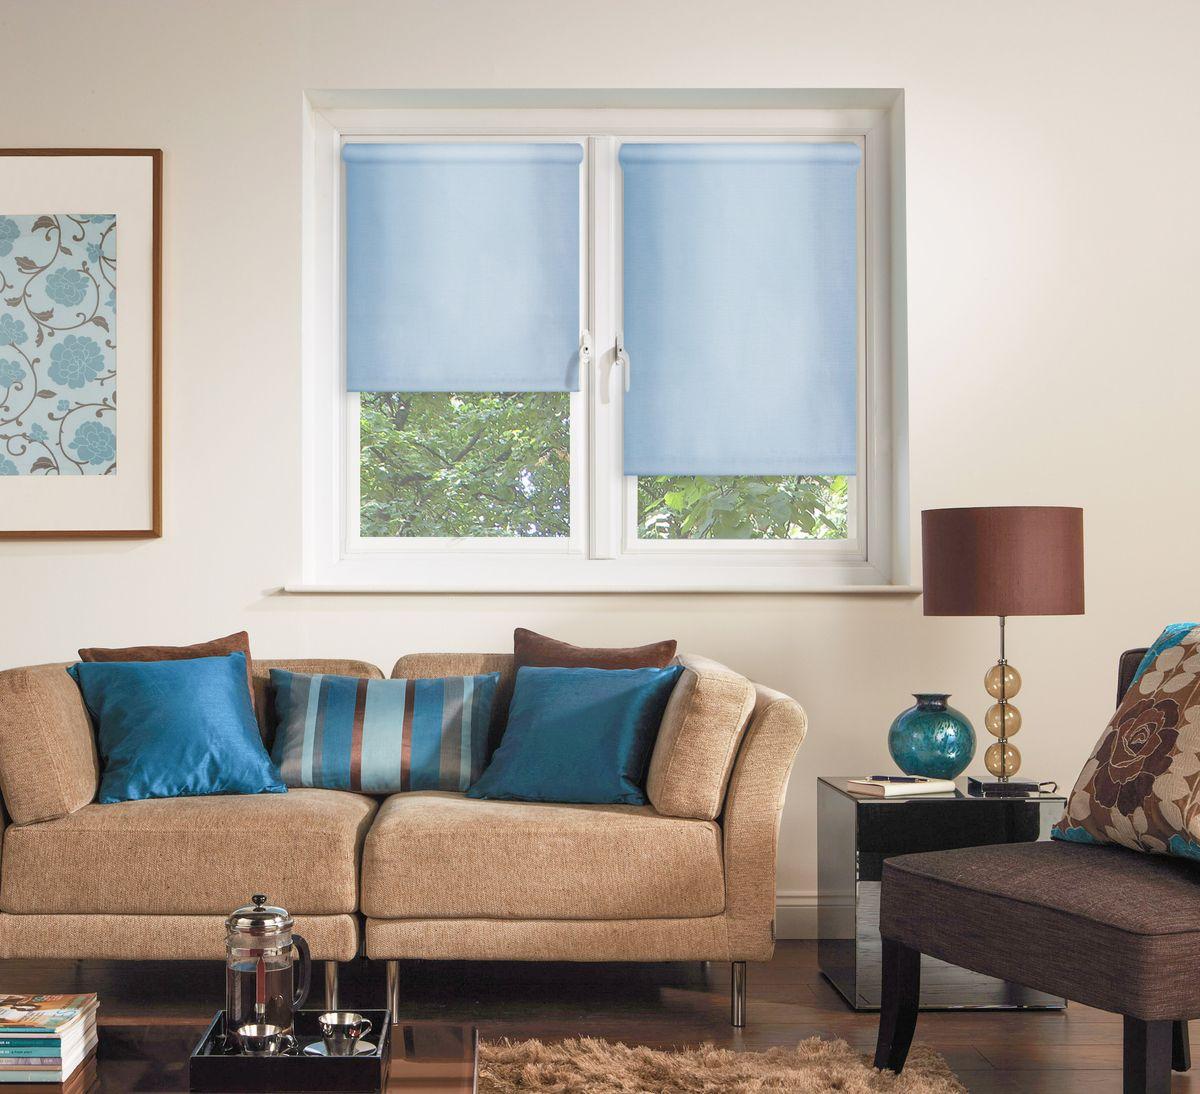 Штора рулонная Эскар Миниролло, цвет: голубой, ширина 62 см, высота 170 см6120160Рулонная штора Эскар Миниролло выполнена из высокопрочной ткани, которая сохраняет свой размер даже при намокании. Ткань не выцветает и обладает отличной цветоустойчивостью.Миниролло - это подвид рулонных штор, который закрывает не весь оконный проем, а непосредственно само стекло. Такие шторы крепятся на раму без сверления при помощи зажимов или клейкой двухсторонней ленты (в комплекте). Окно остается на гарантии, благодаря монтажу без сверления. Такая штора станет прекрасным элементом декора окна и гармонично впишется в интерьер любого помещения.